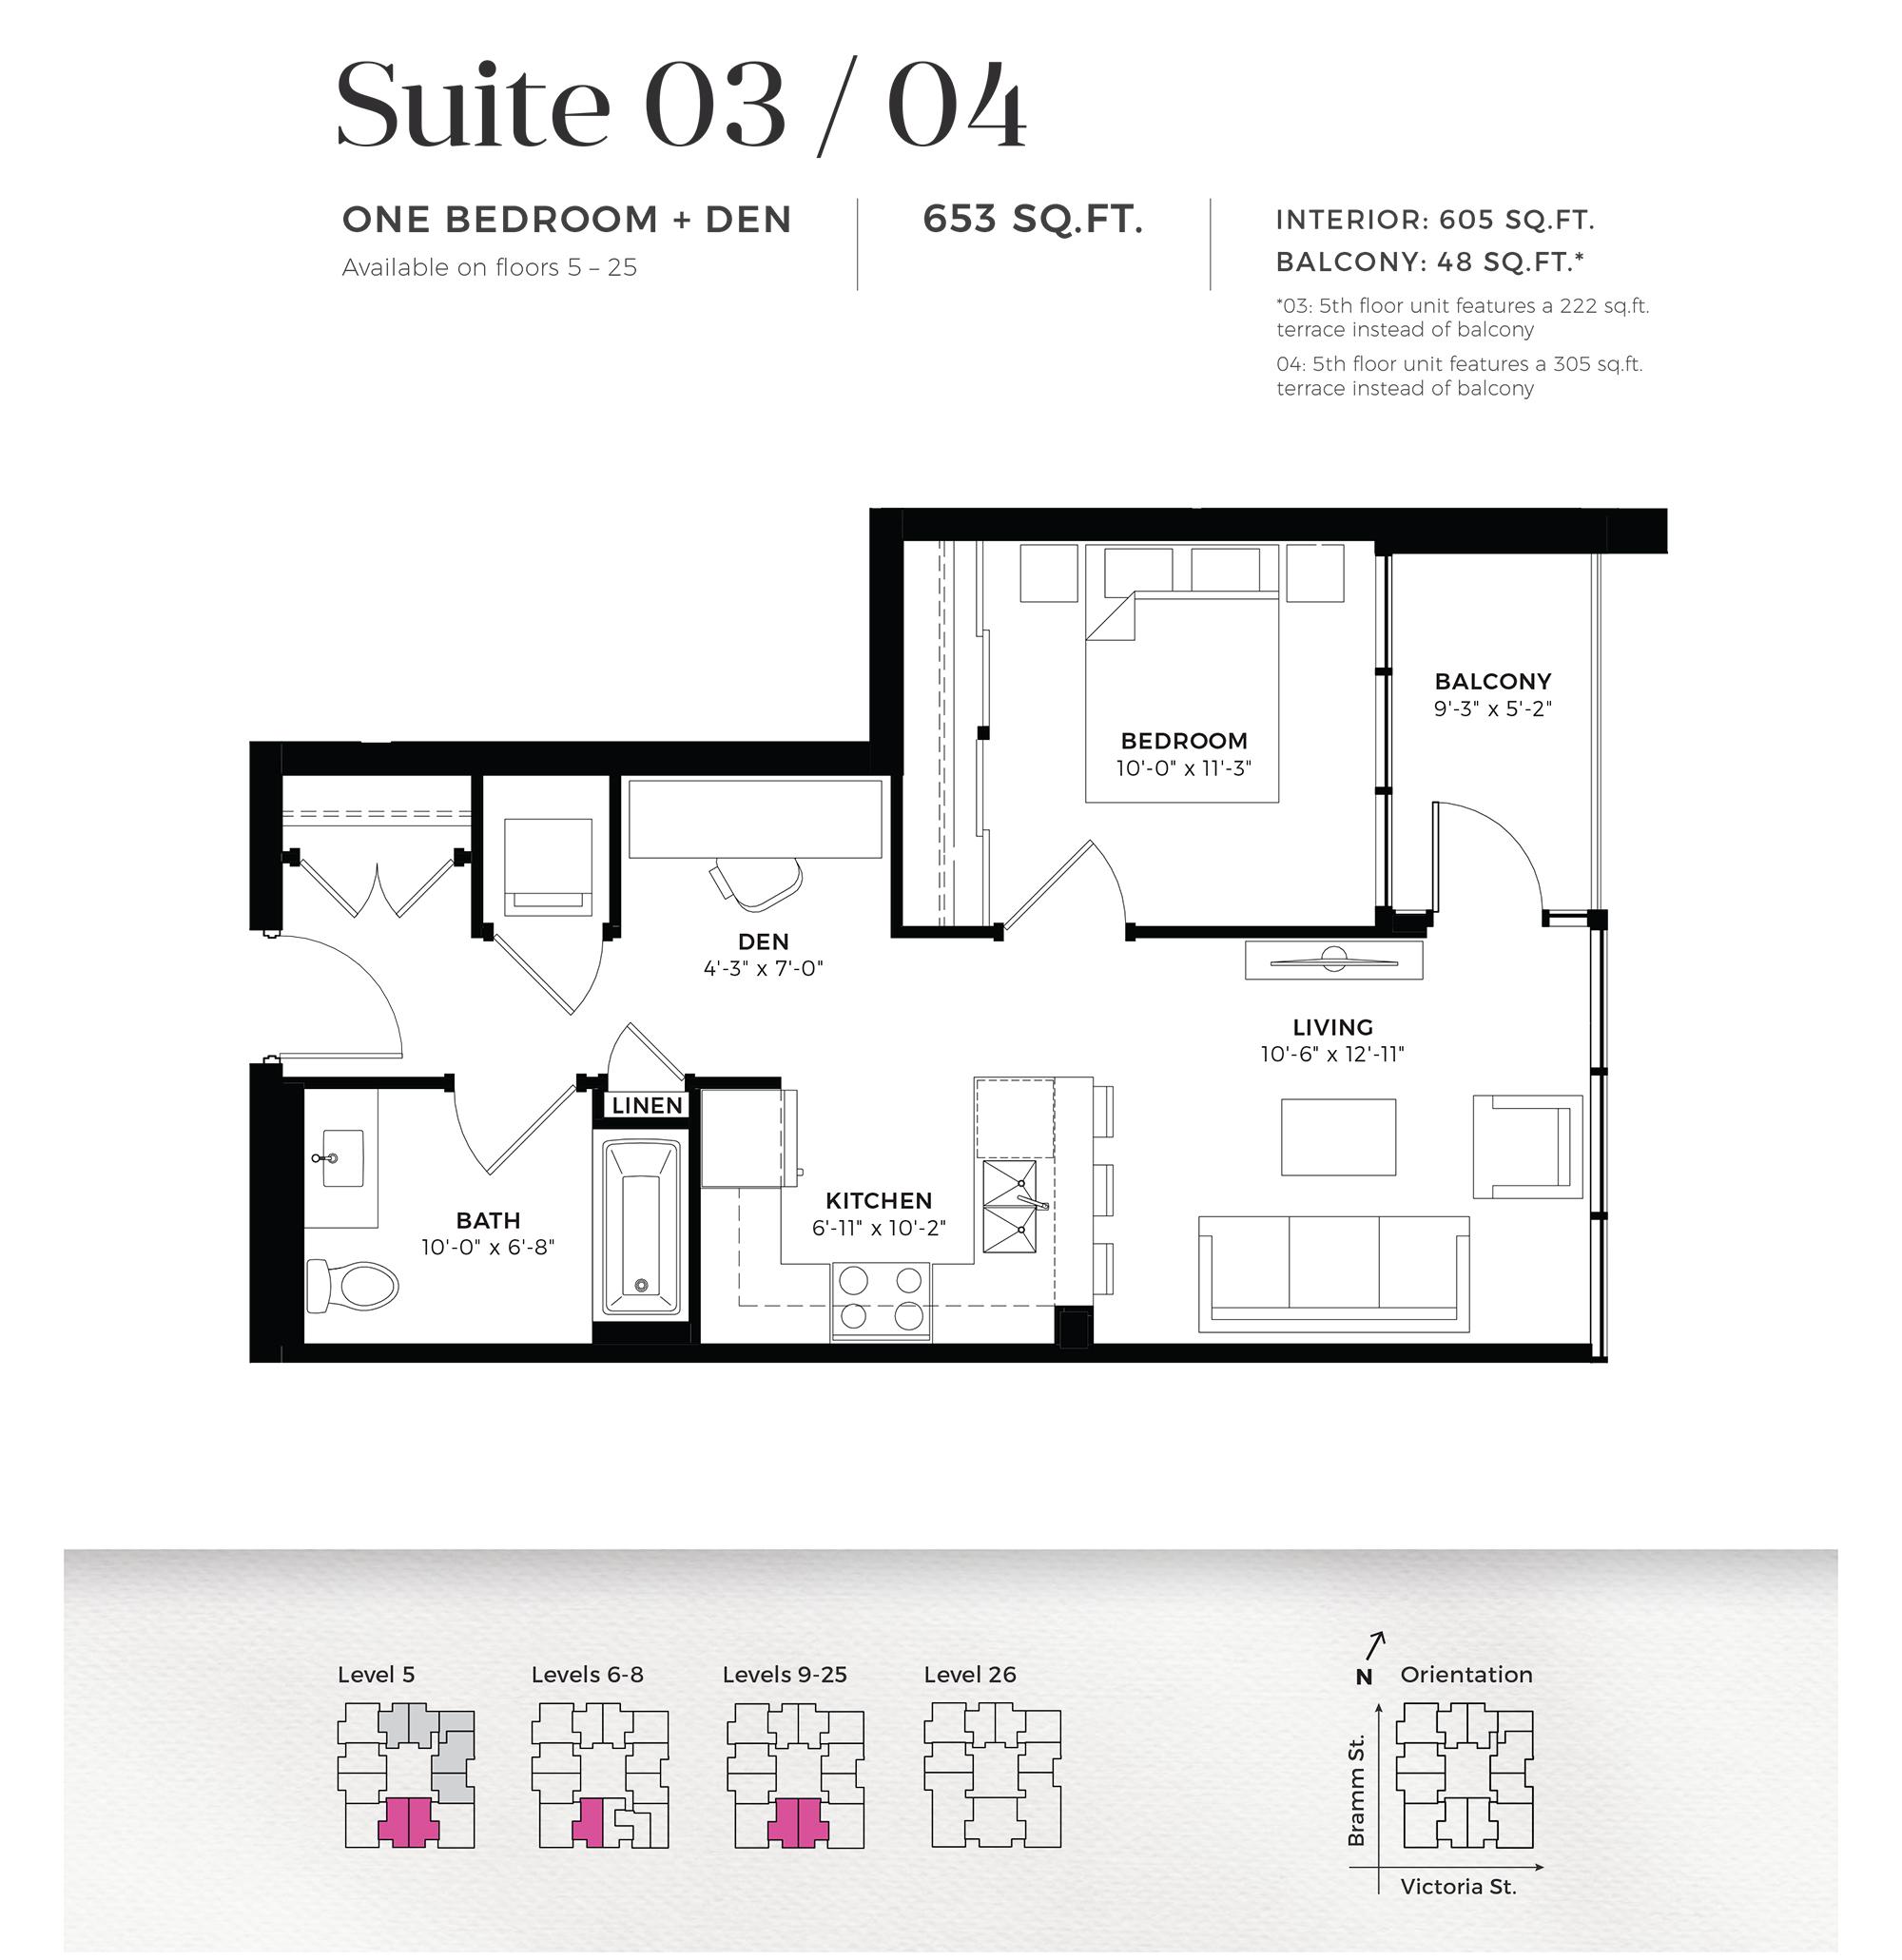 Suite 03 / 04